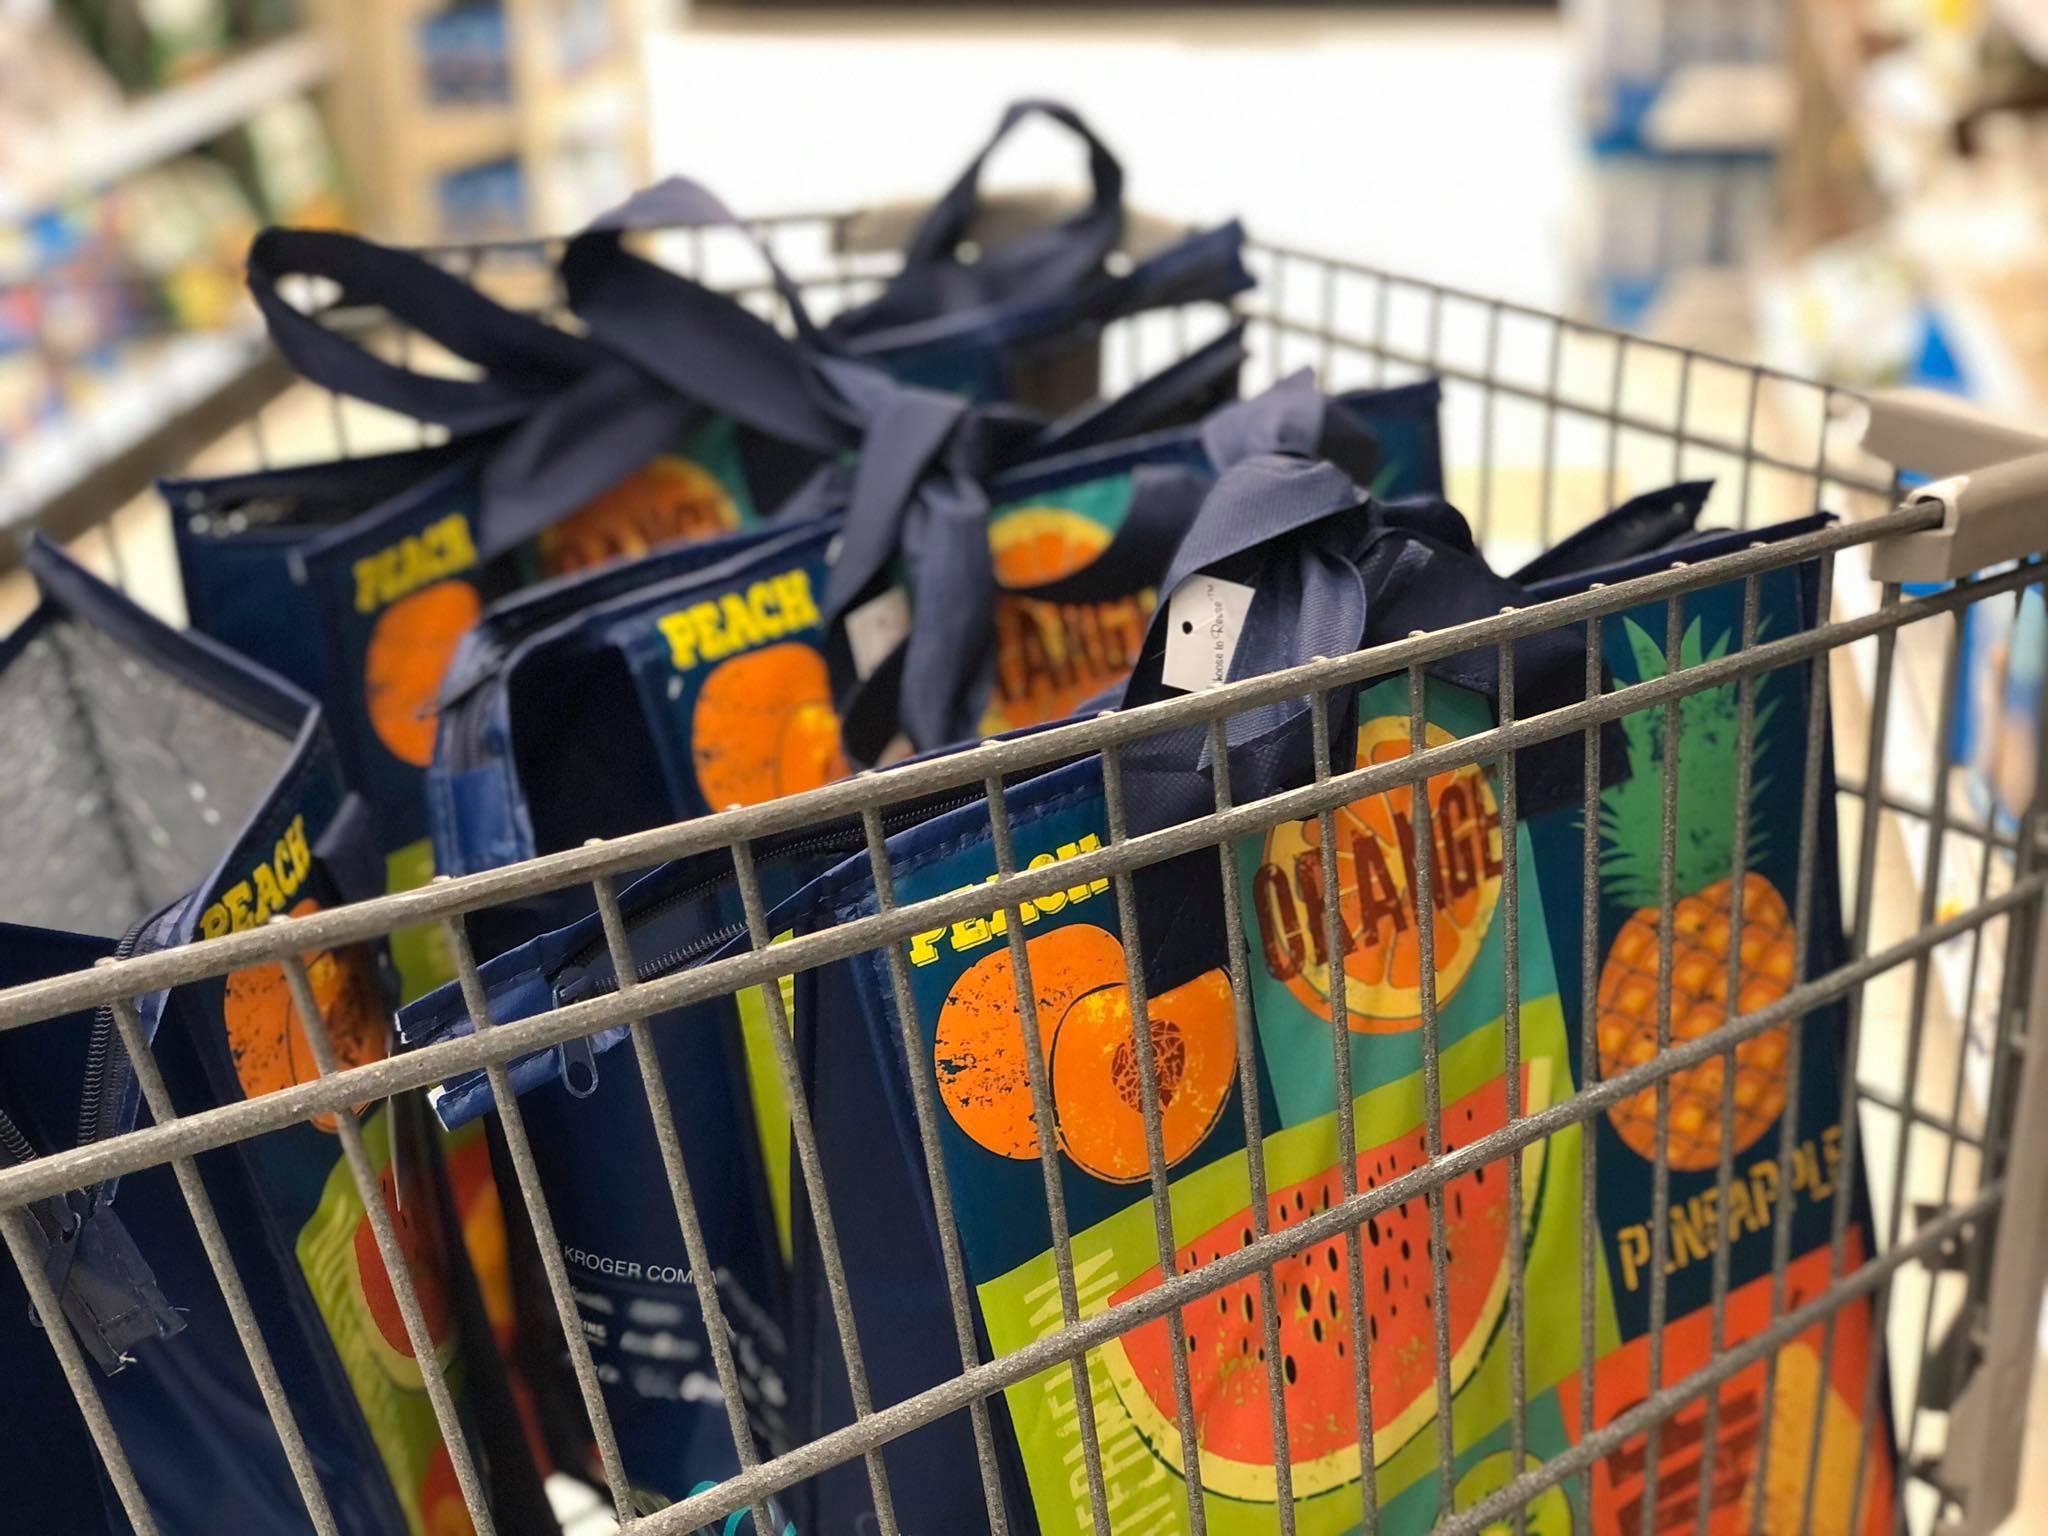 Kroger Reusable Shopping Bags